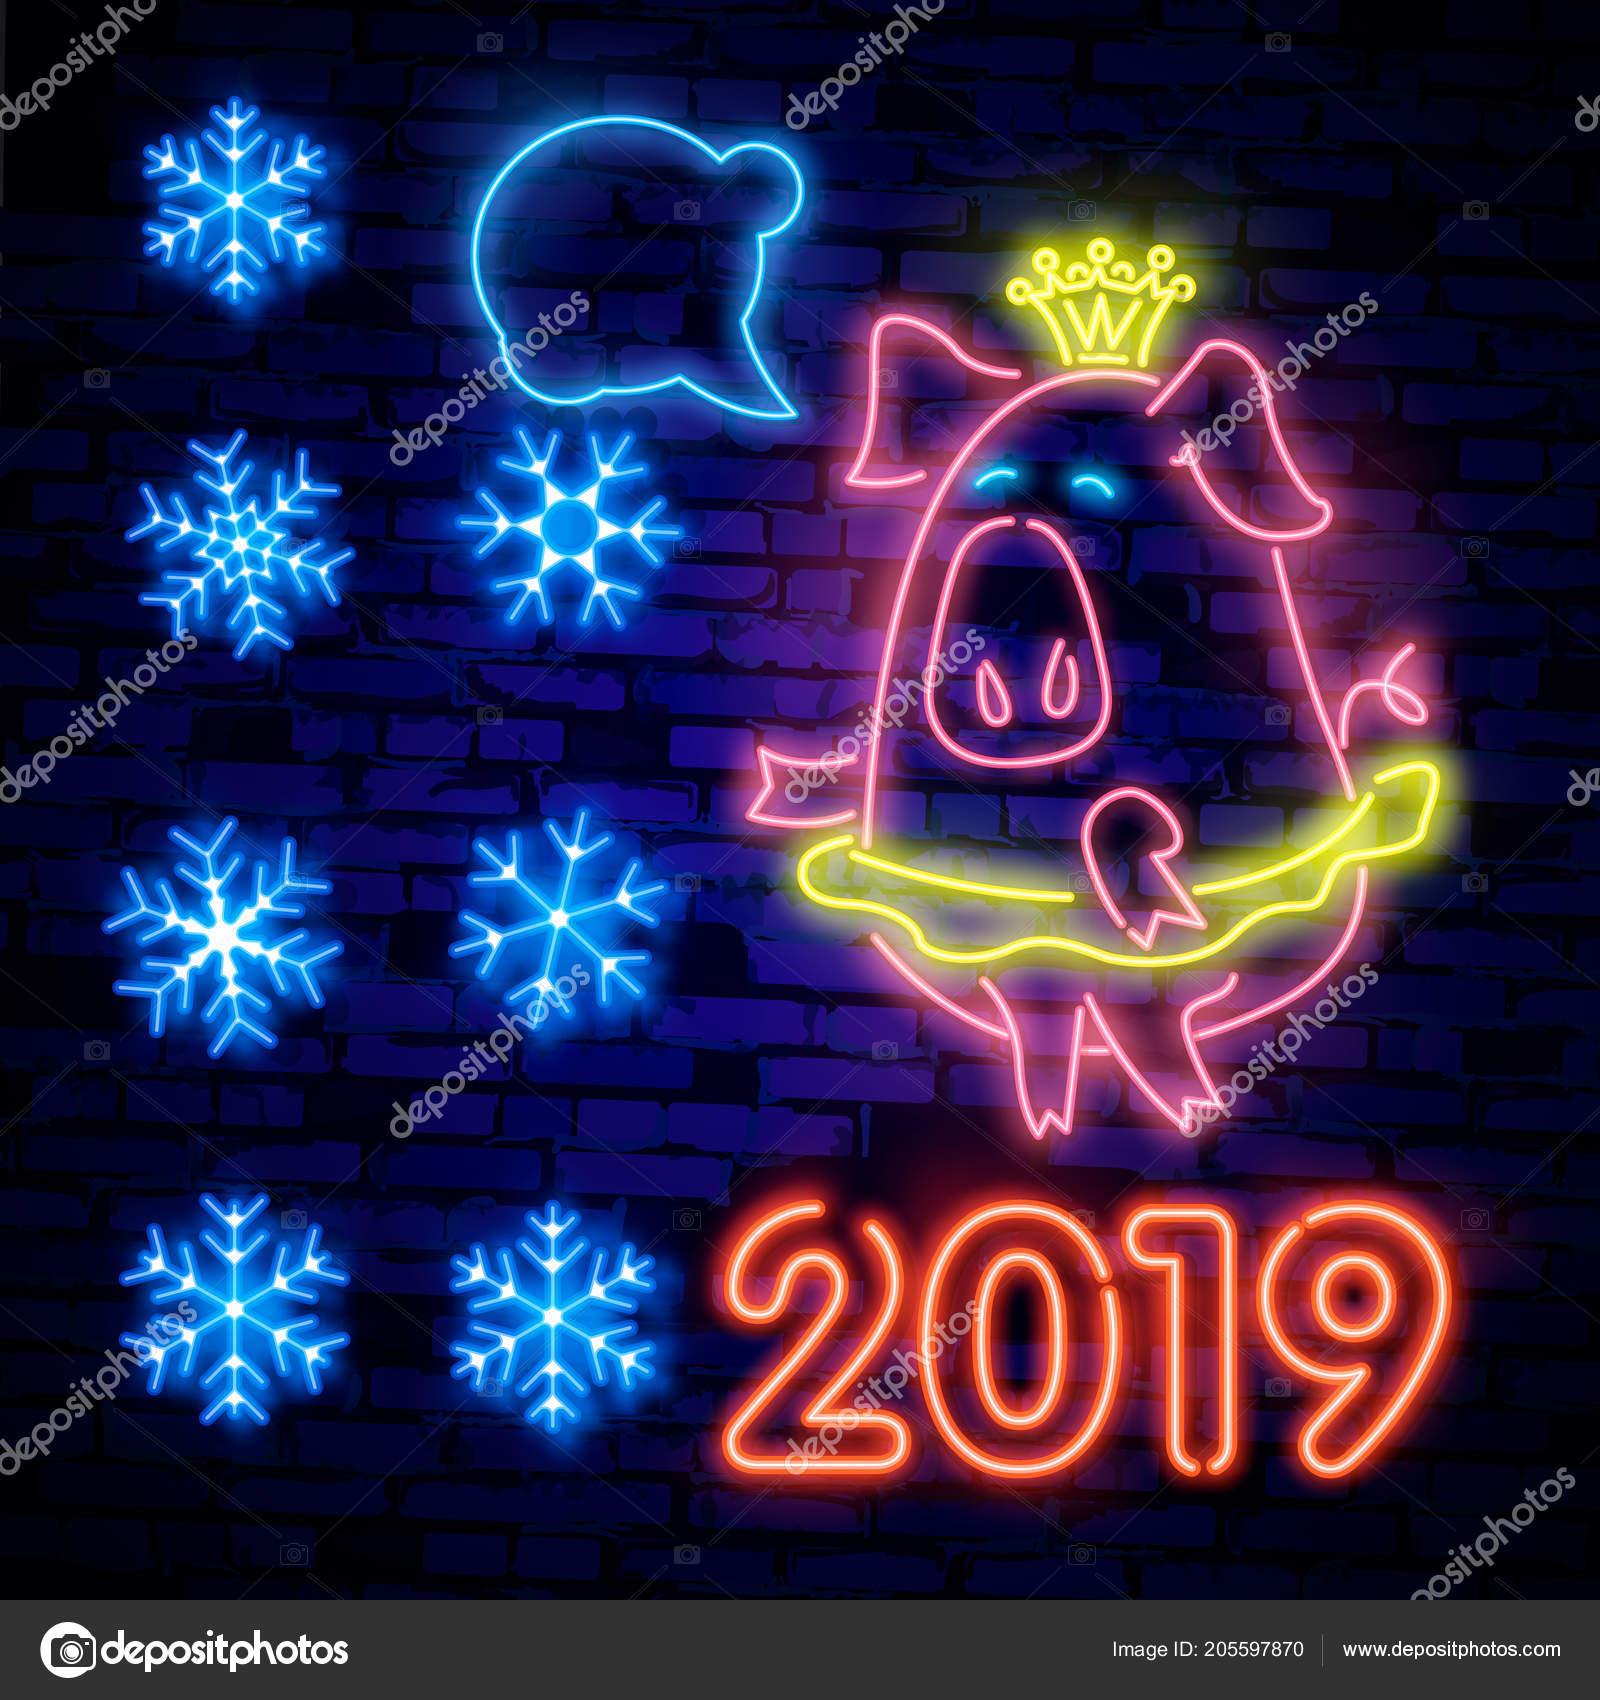 Schriftzug Frohe Weihnachten Beleuchtet.2019 Happy New Year Neon Lights Frohe Weihnachten Und